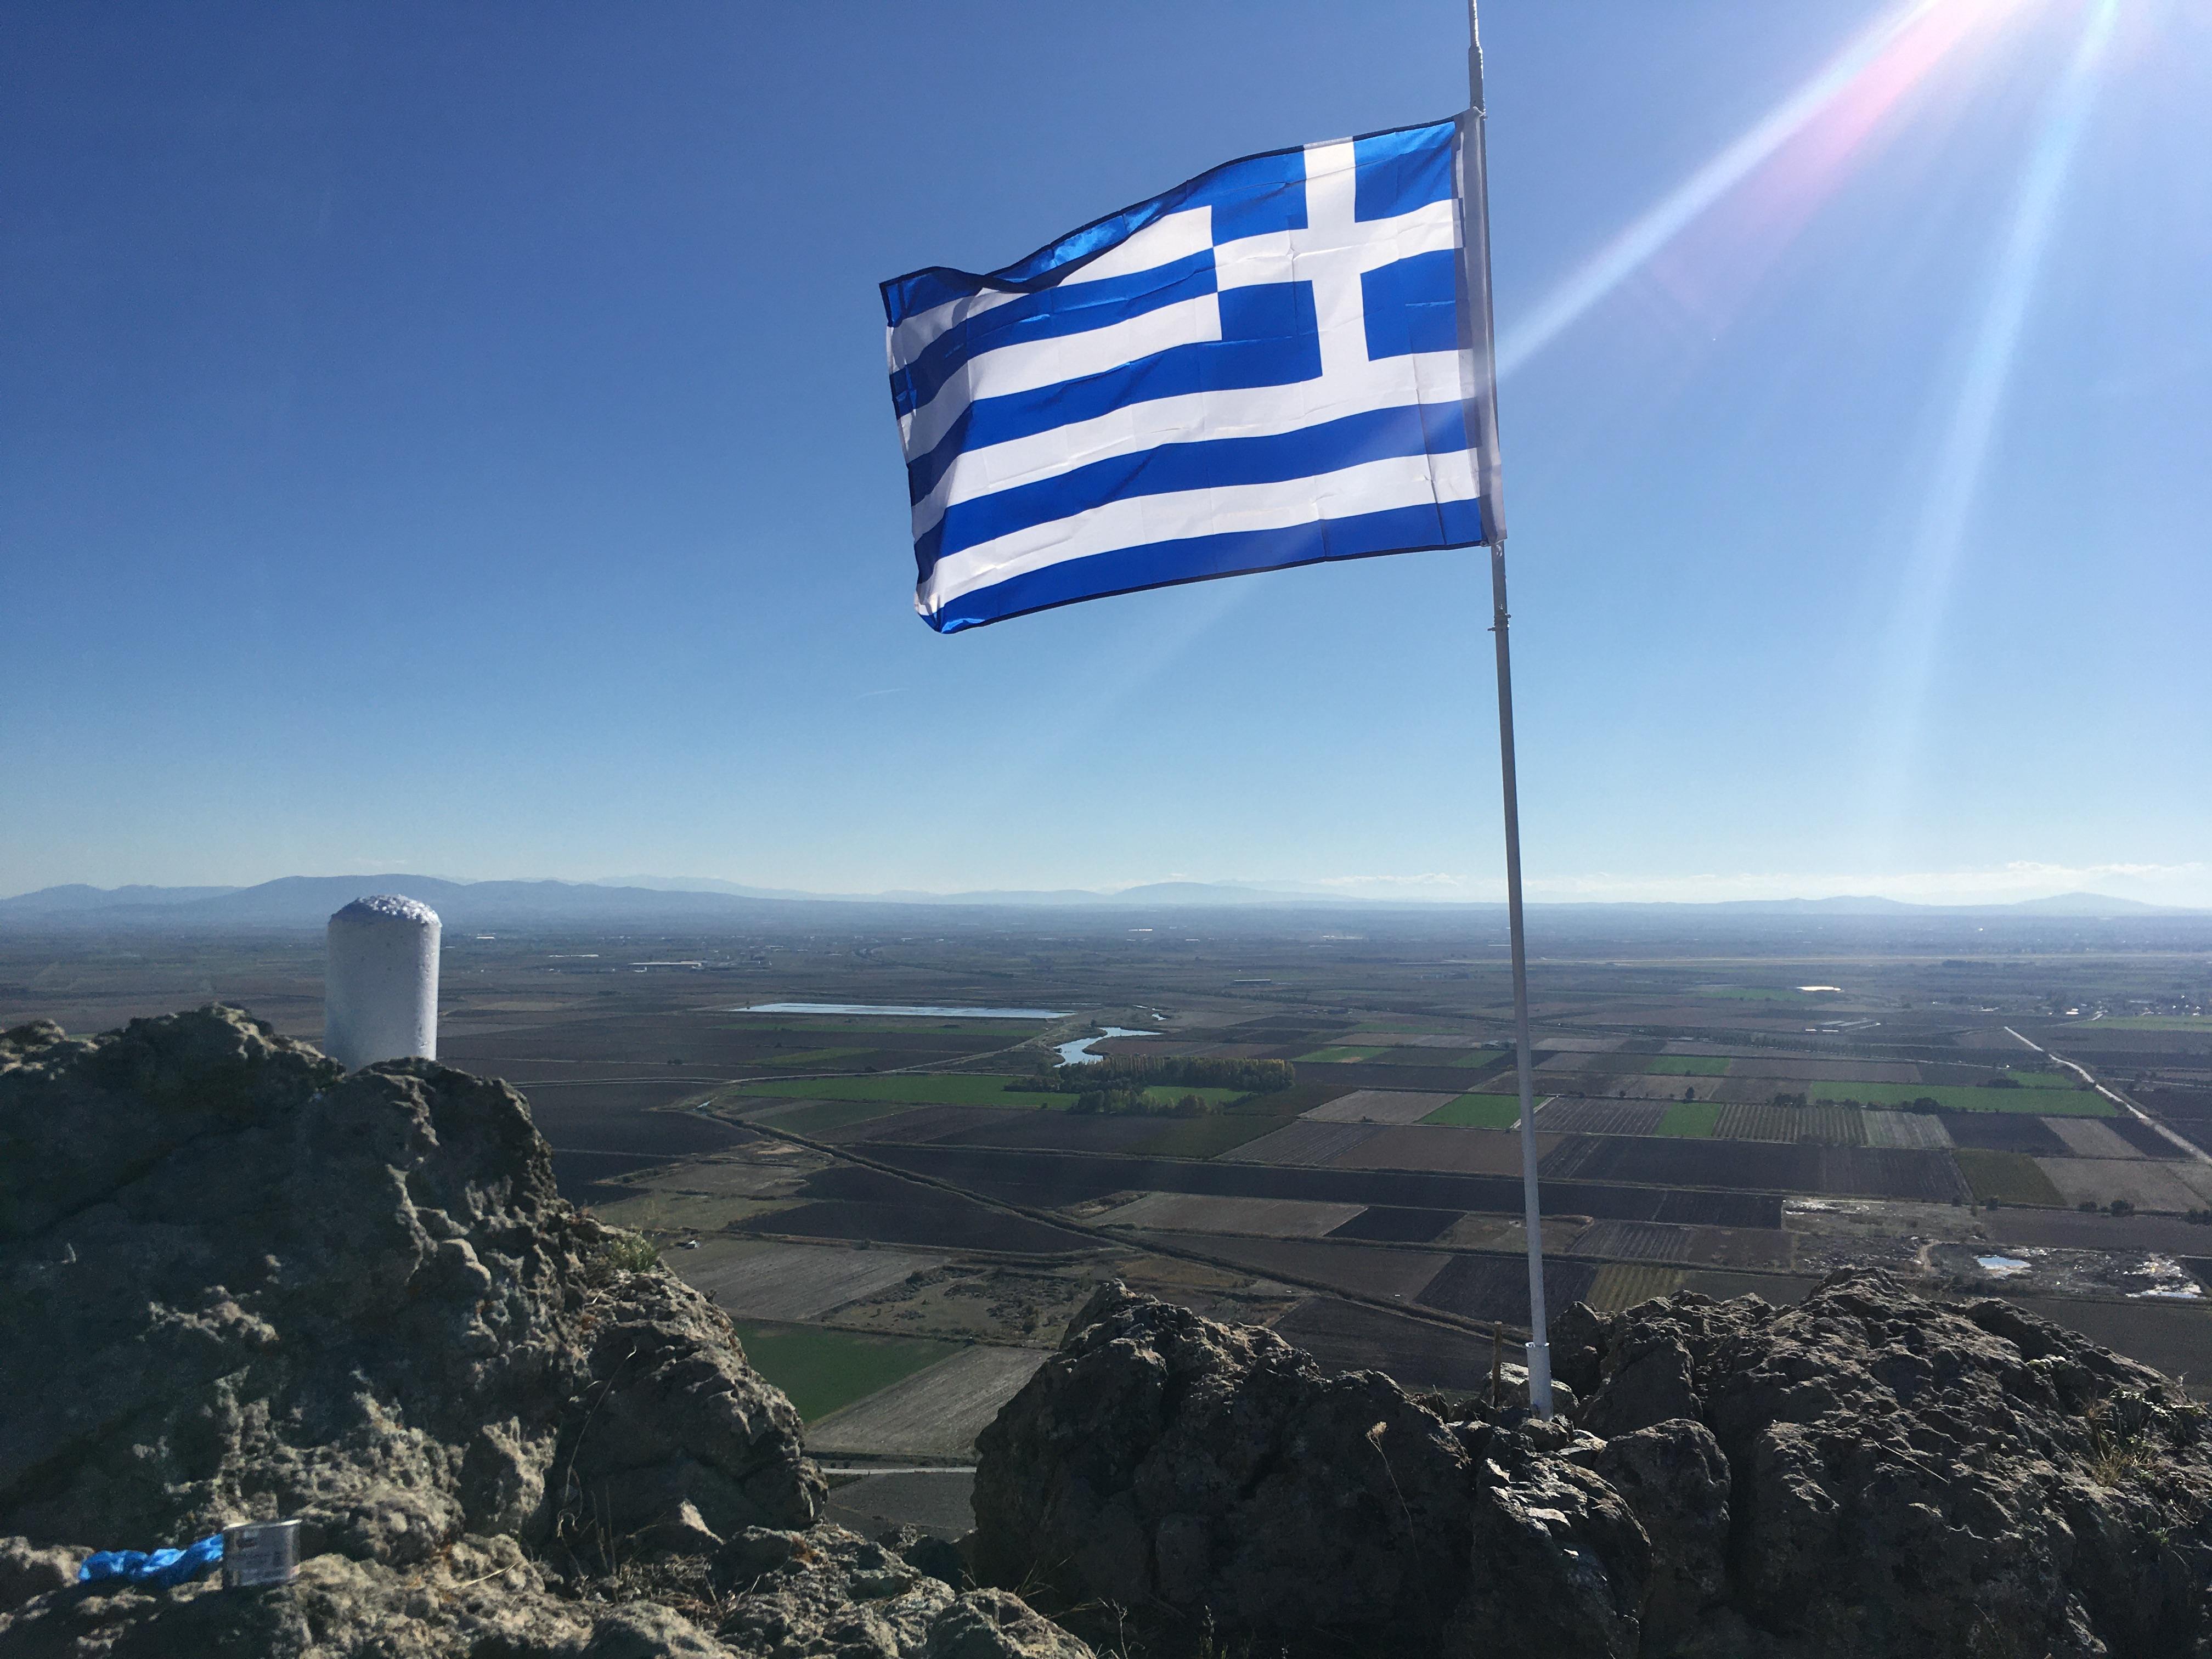 Τοποθέτηση νέου ιστού Σημαίας  στο Γκιντίκι από Εφέδρους της Λάρισας 1